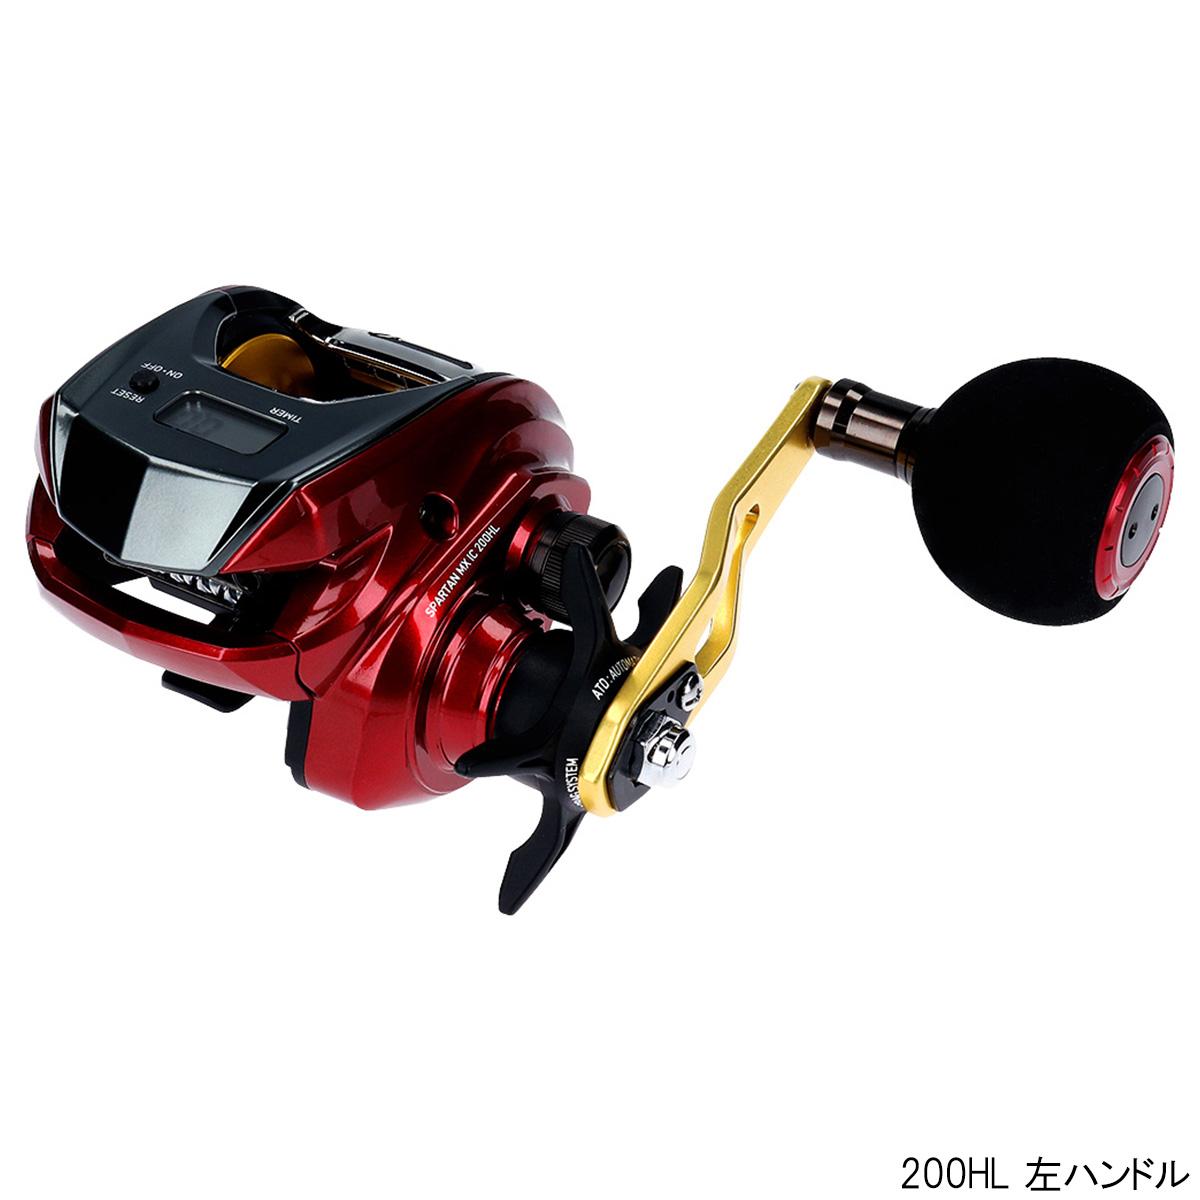 ダイワ スパルタン MX IC 200HL 左ハンドル【送料無料】